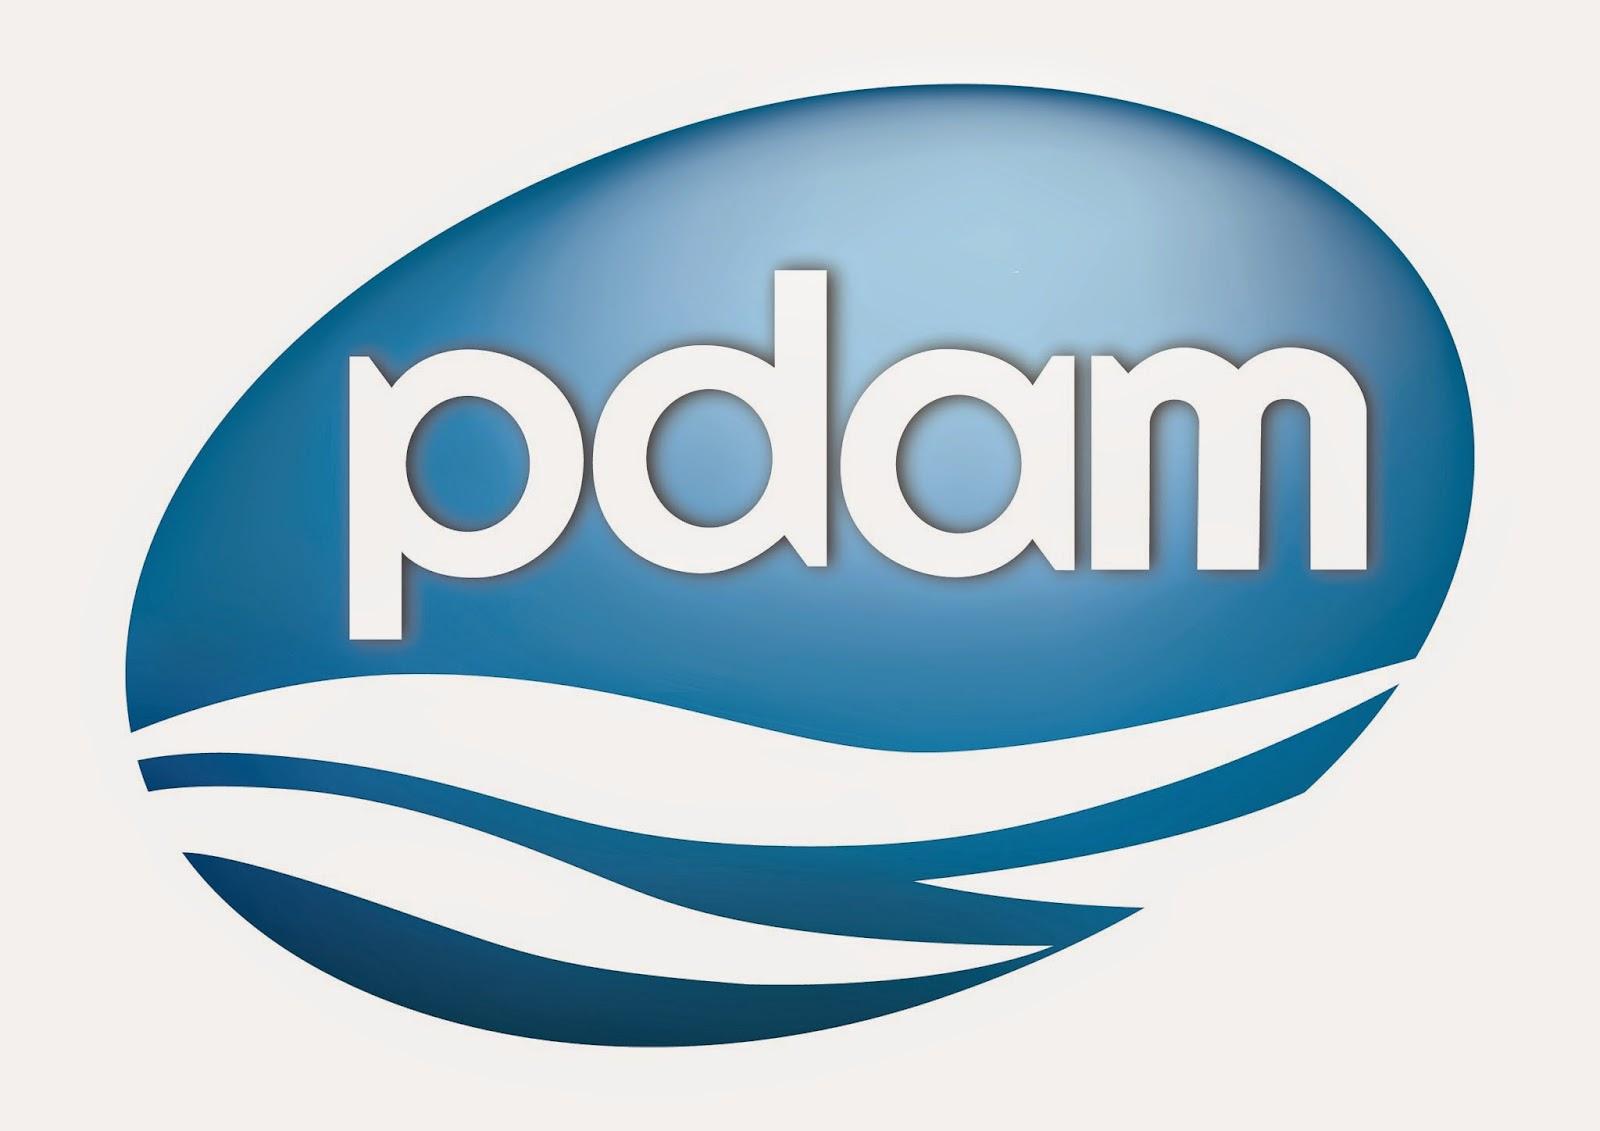 PDAM Logo Wallpaper